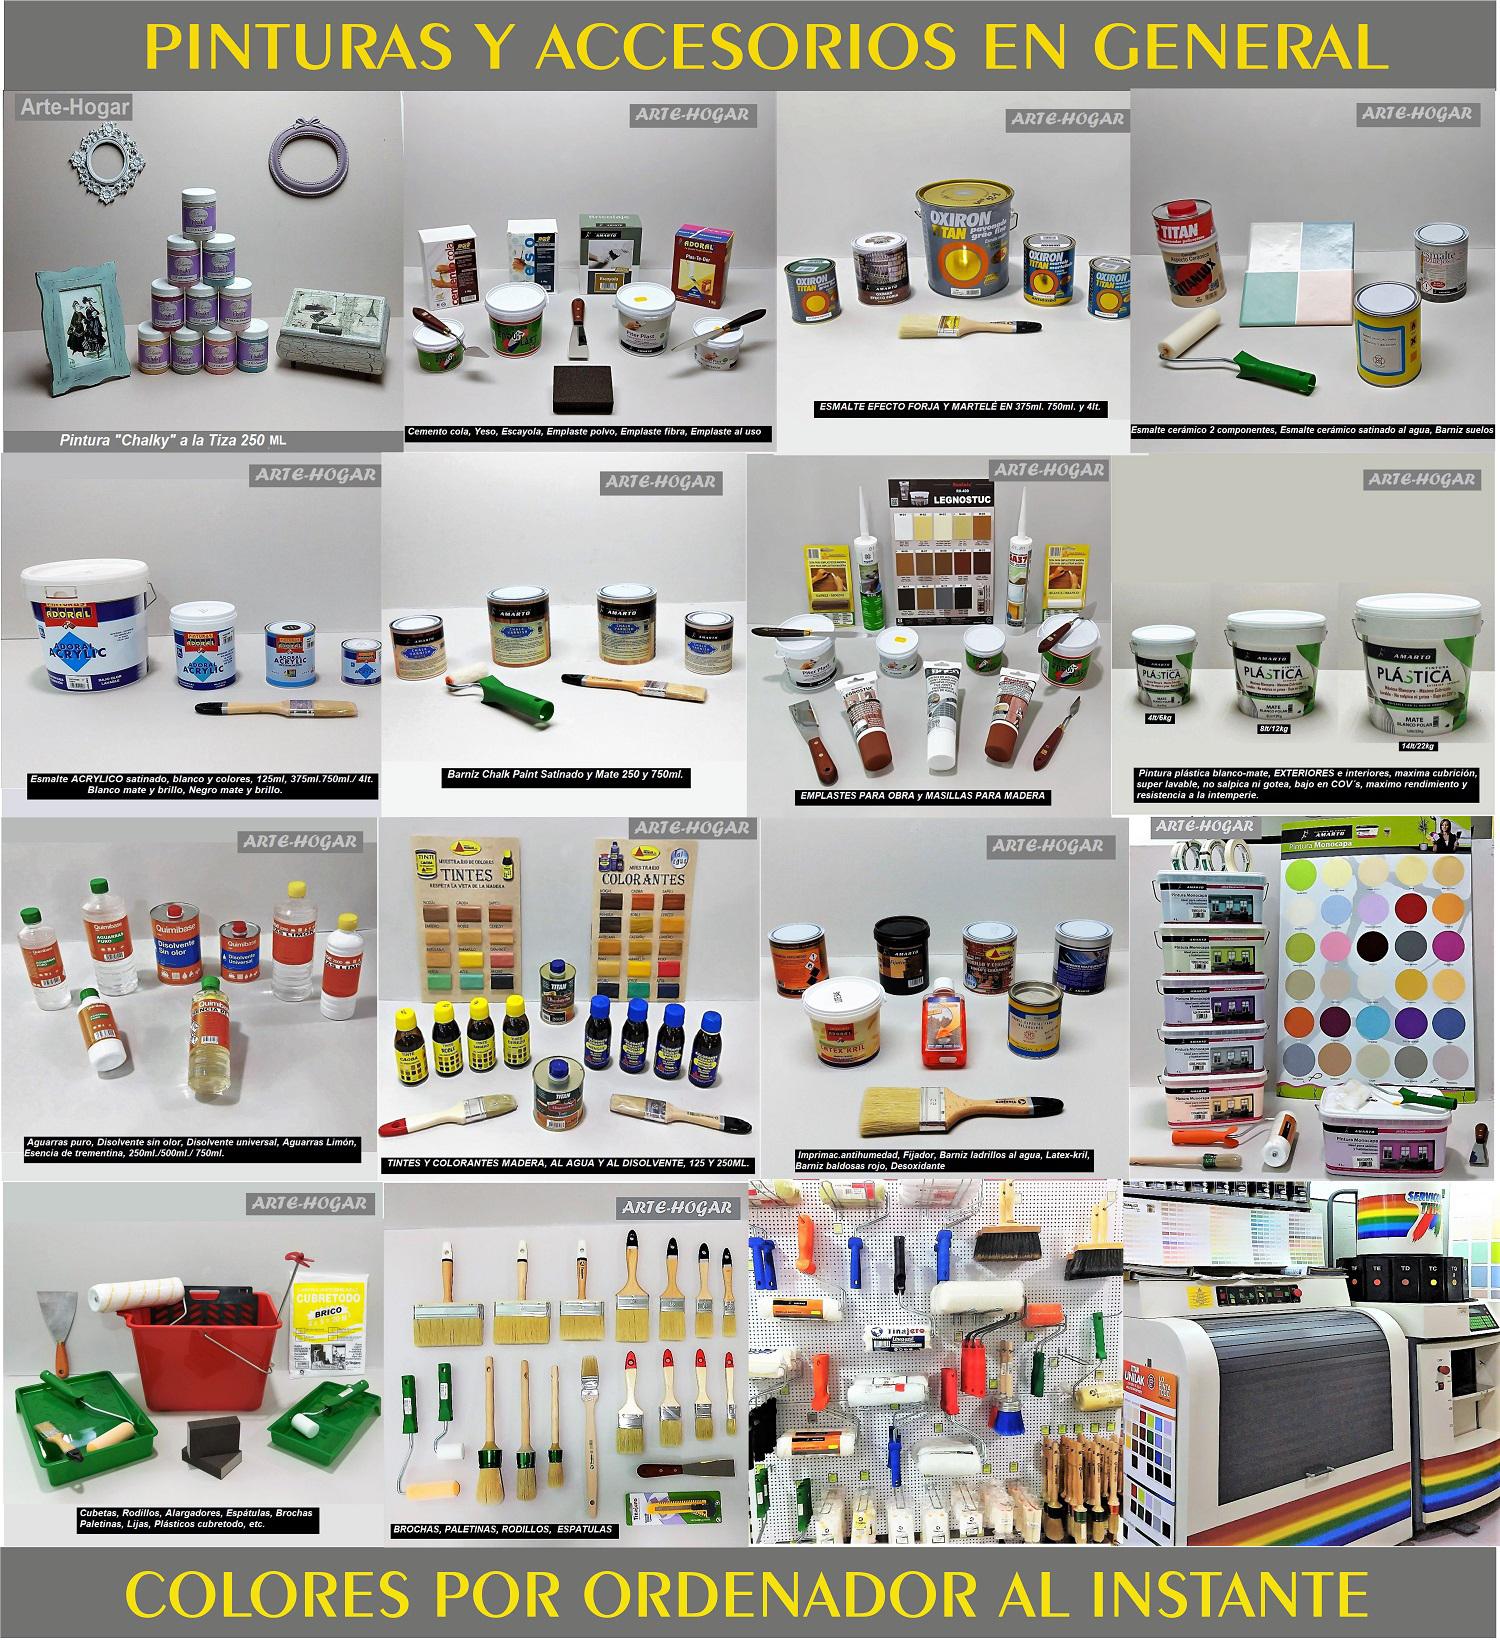 Pinturas y accesorios,rodillos, brochas, pinceles, cubetas, alargadores, cintas krepp, espátulas, plásticos protectores, lijas